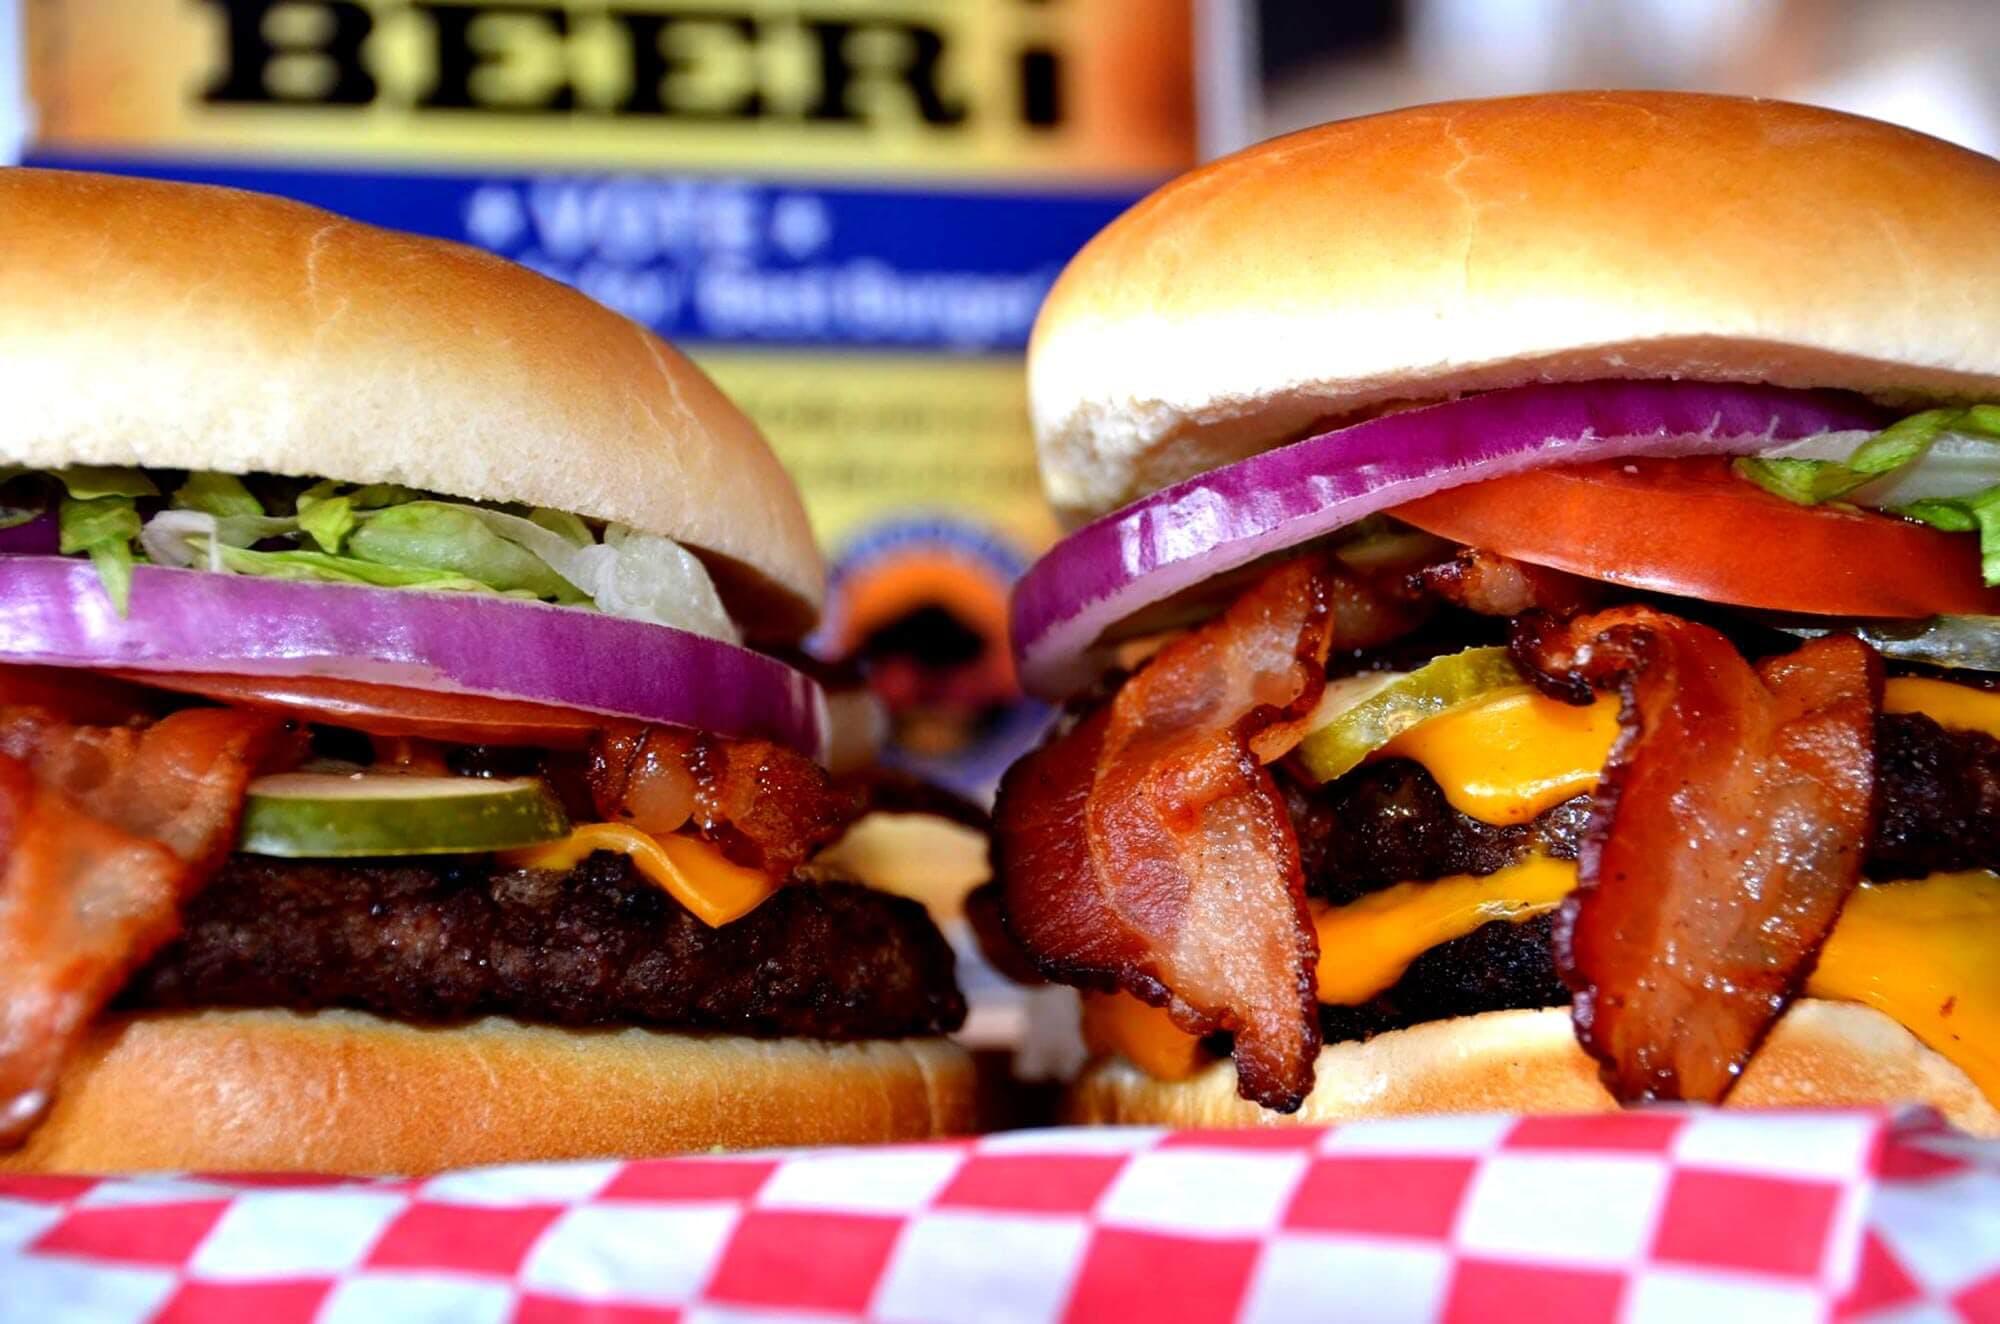 Caprock Burger